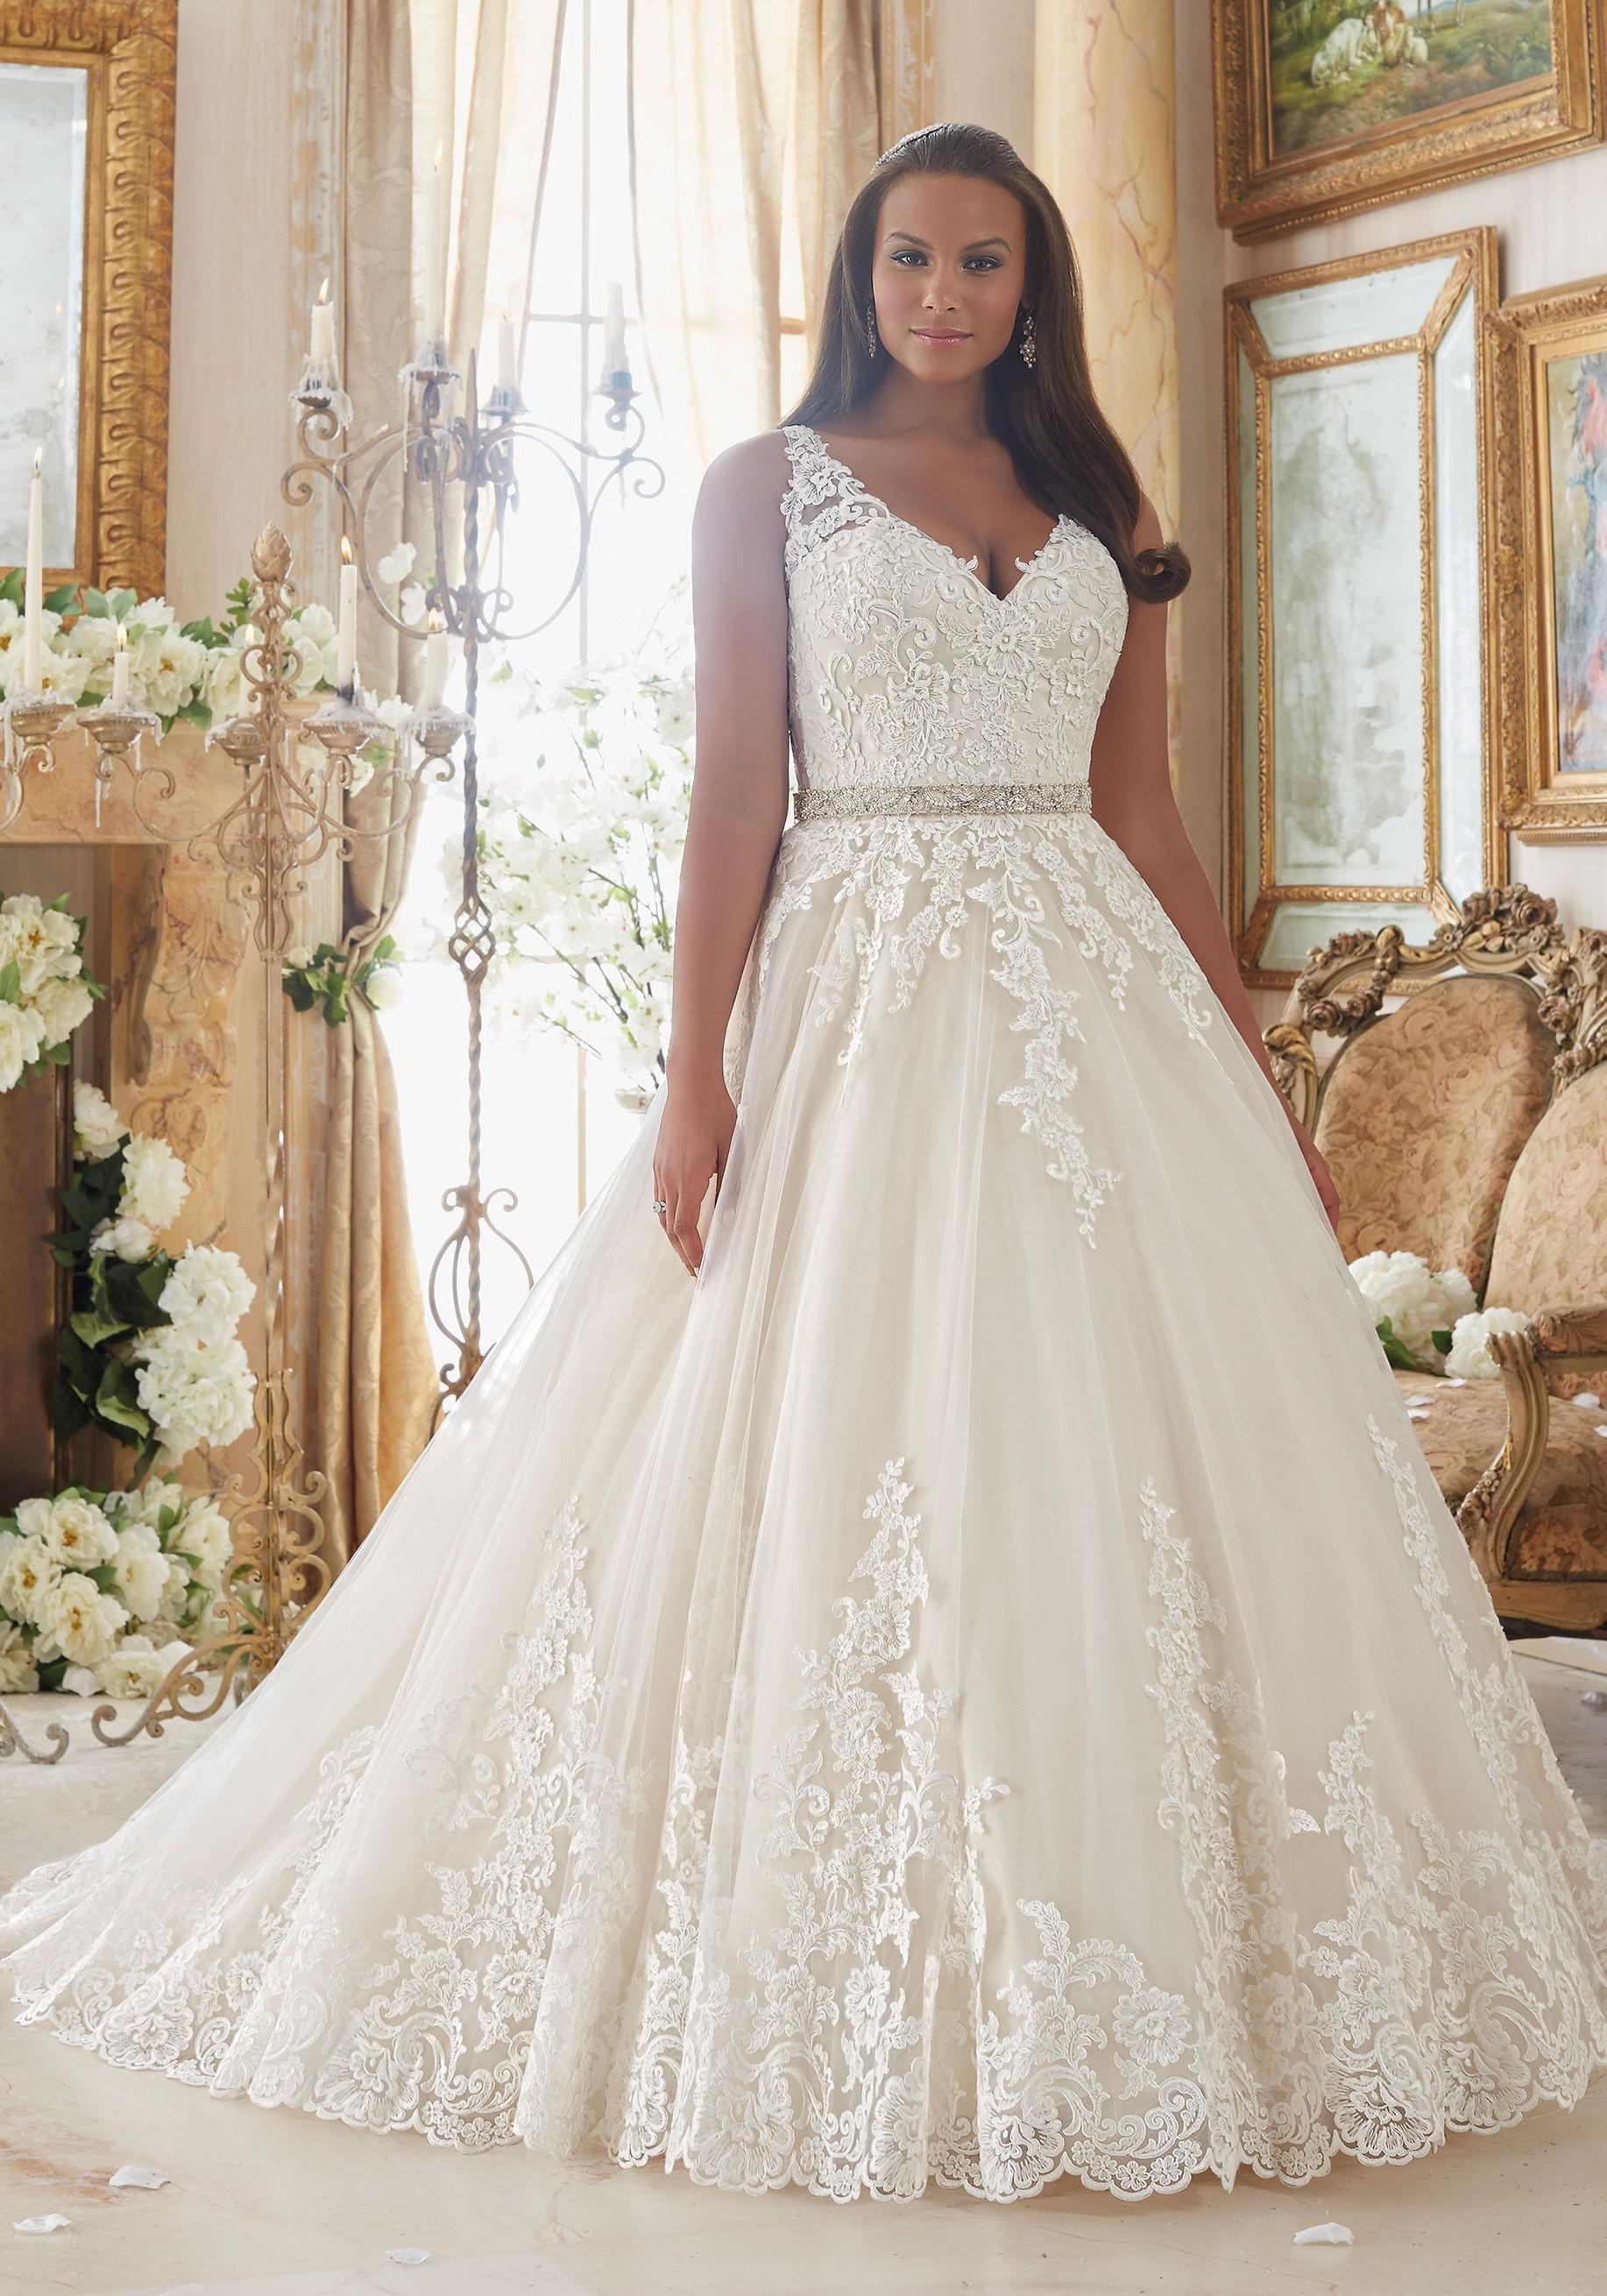 size 28 wedding dresses photo - 1